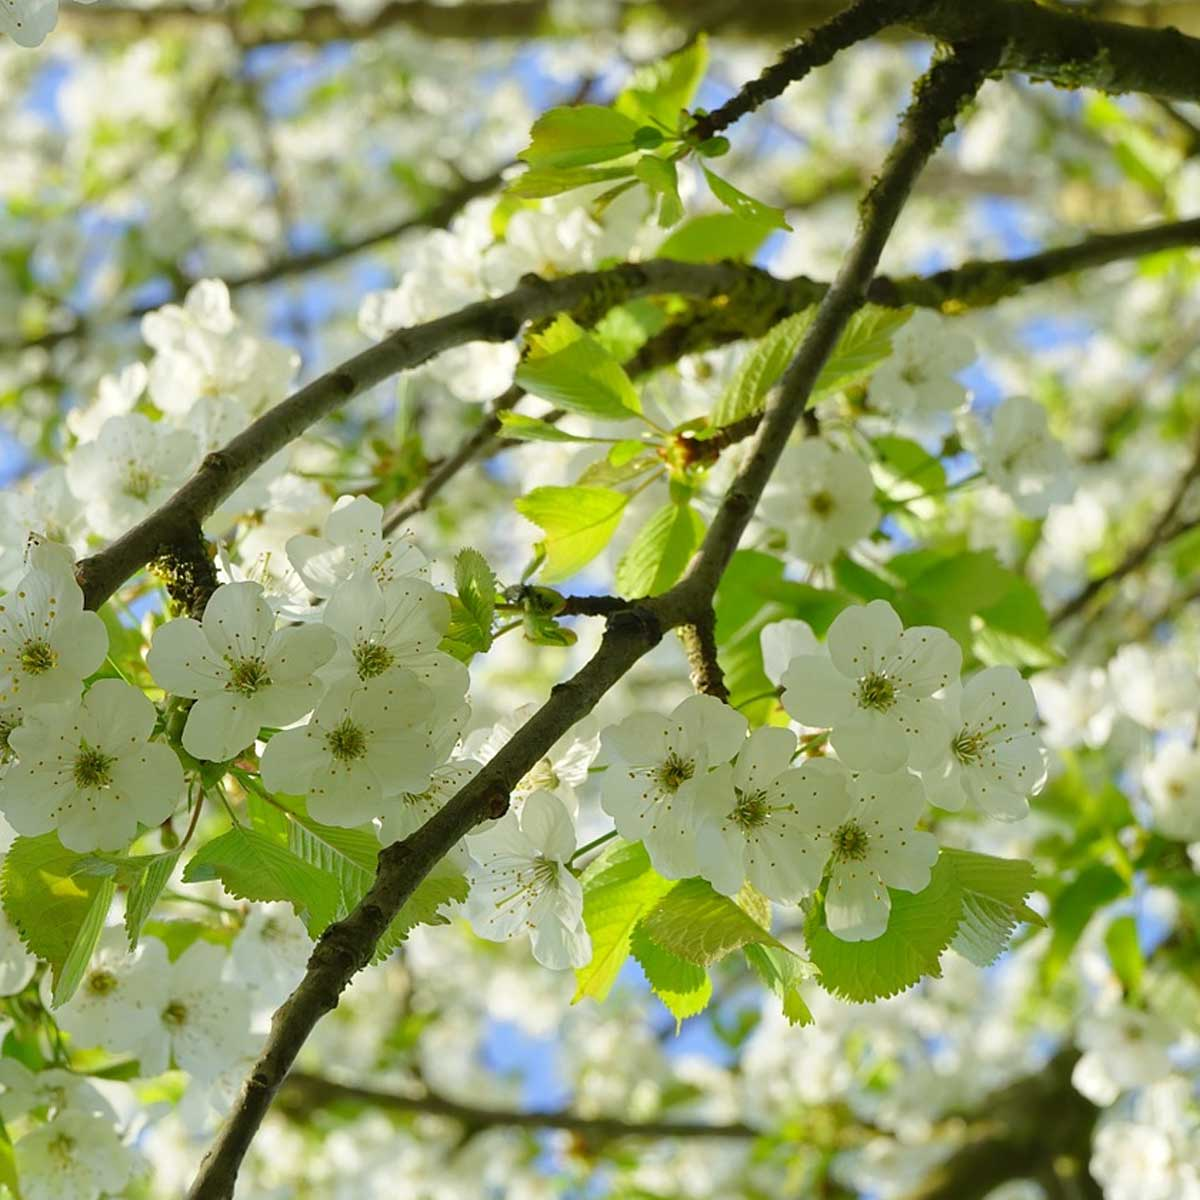 Jardines de vida silvestre - Cerezo silvestre (Prunus avium)